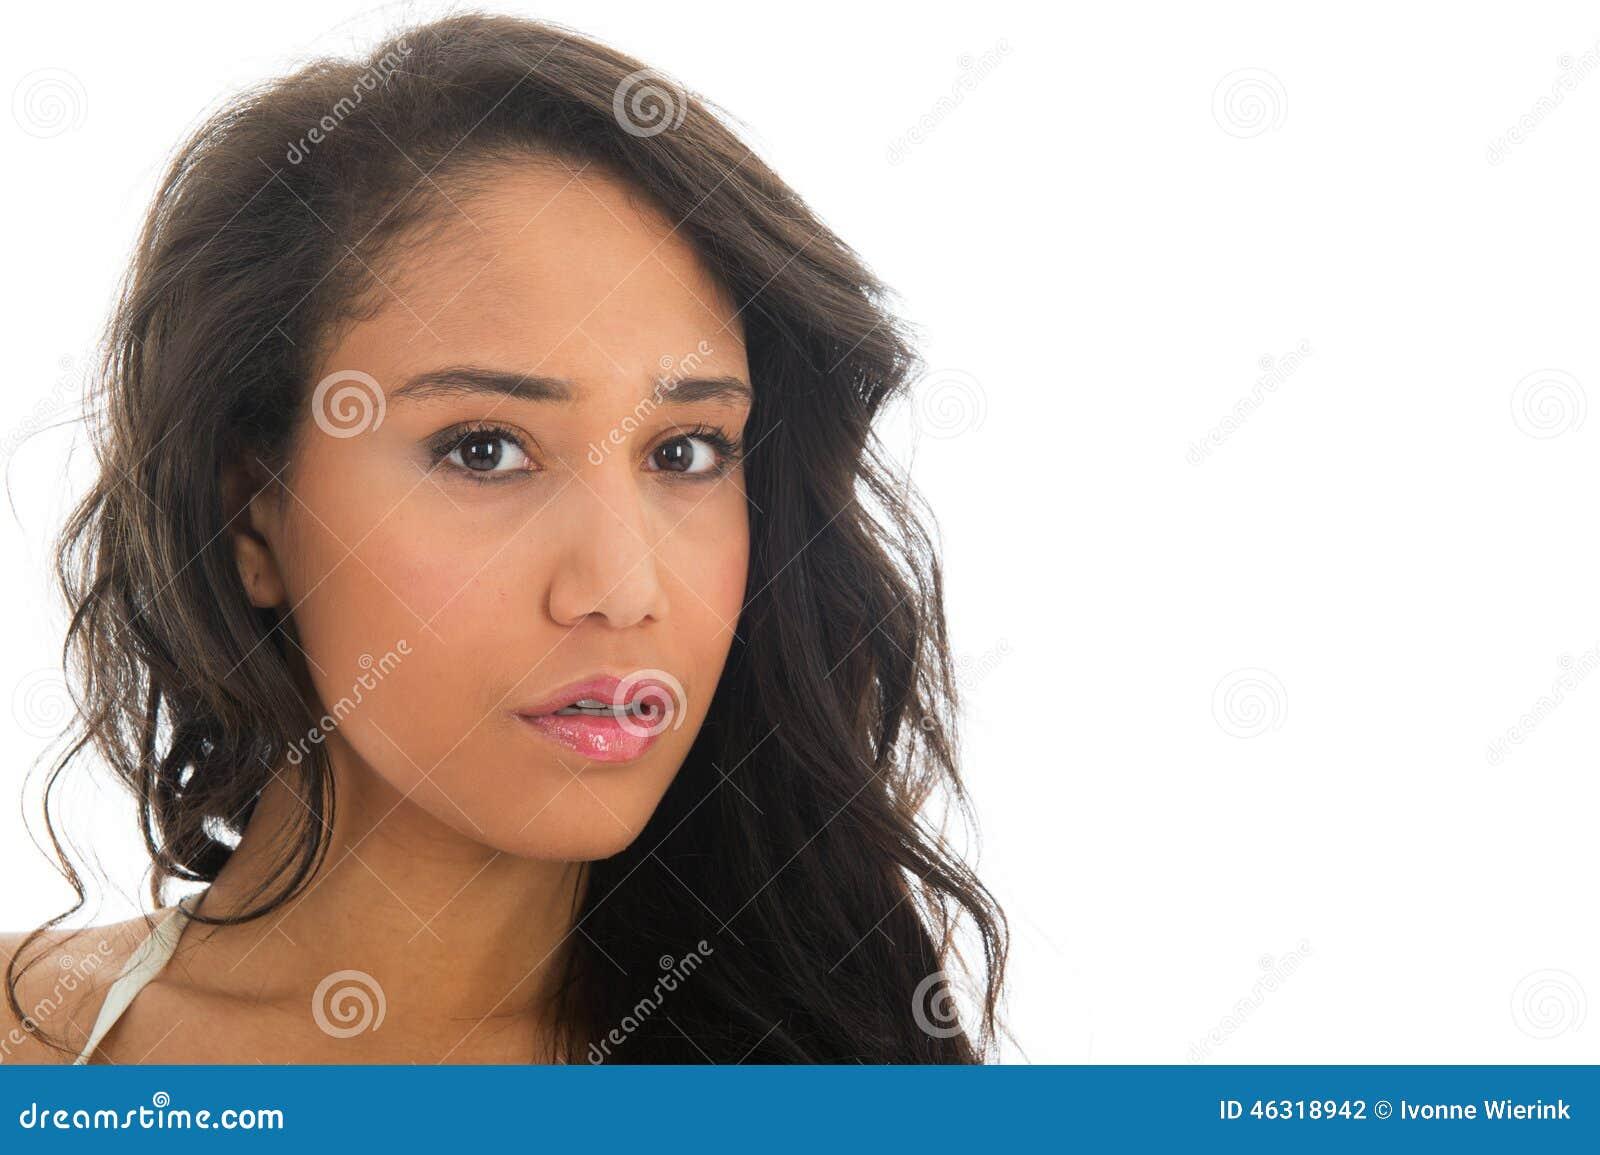 bilder på svarta kvinnor stor svart röv pic Porr